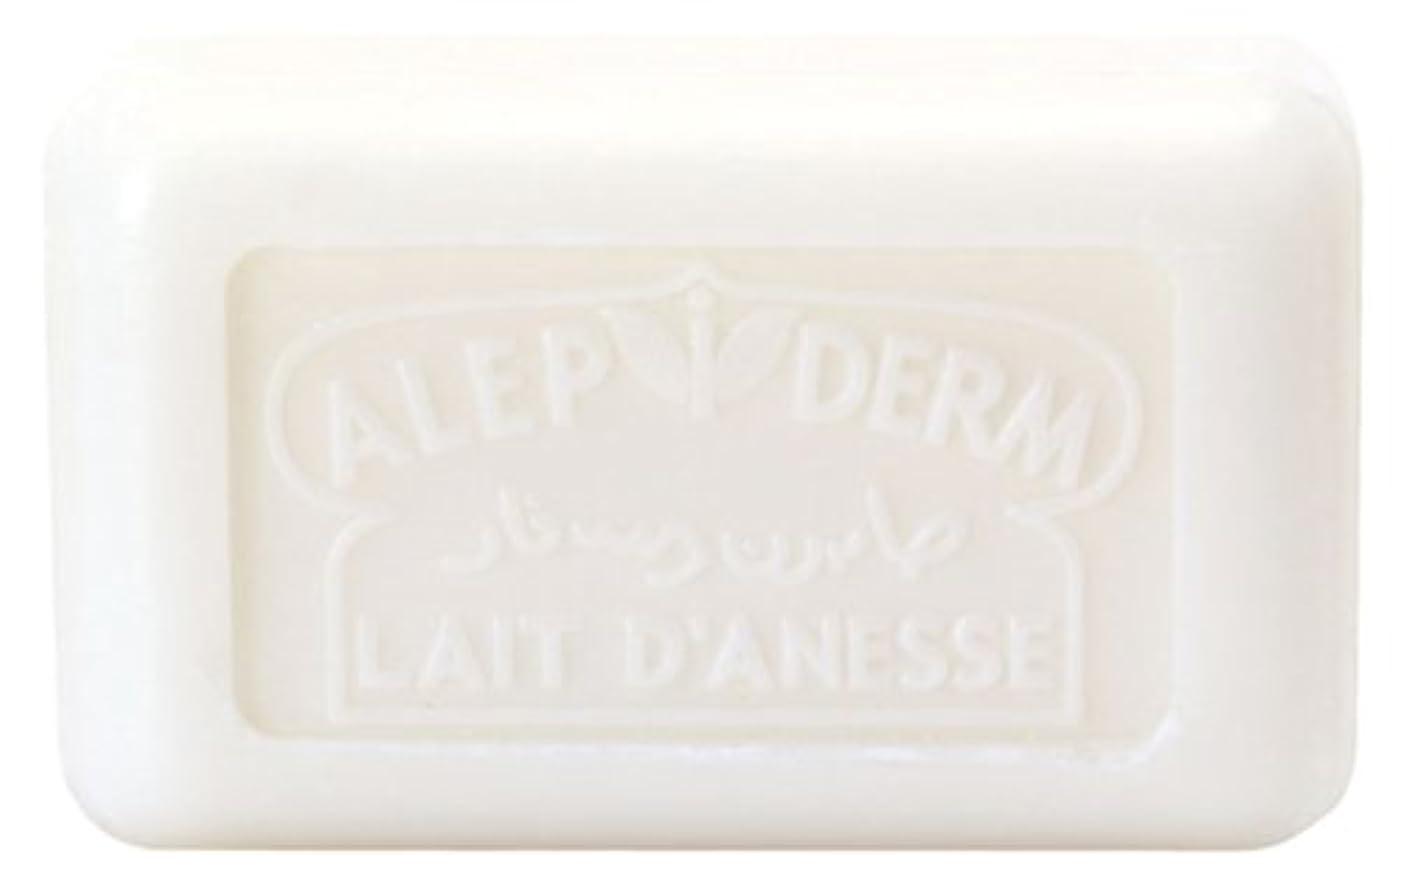 ノルコーポレーション プロヴァンス アレピダーム 洗顔石鹸 ロバミルク アルガンオイル シアバター配合 OB-PVP-4-1